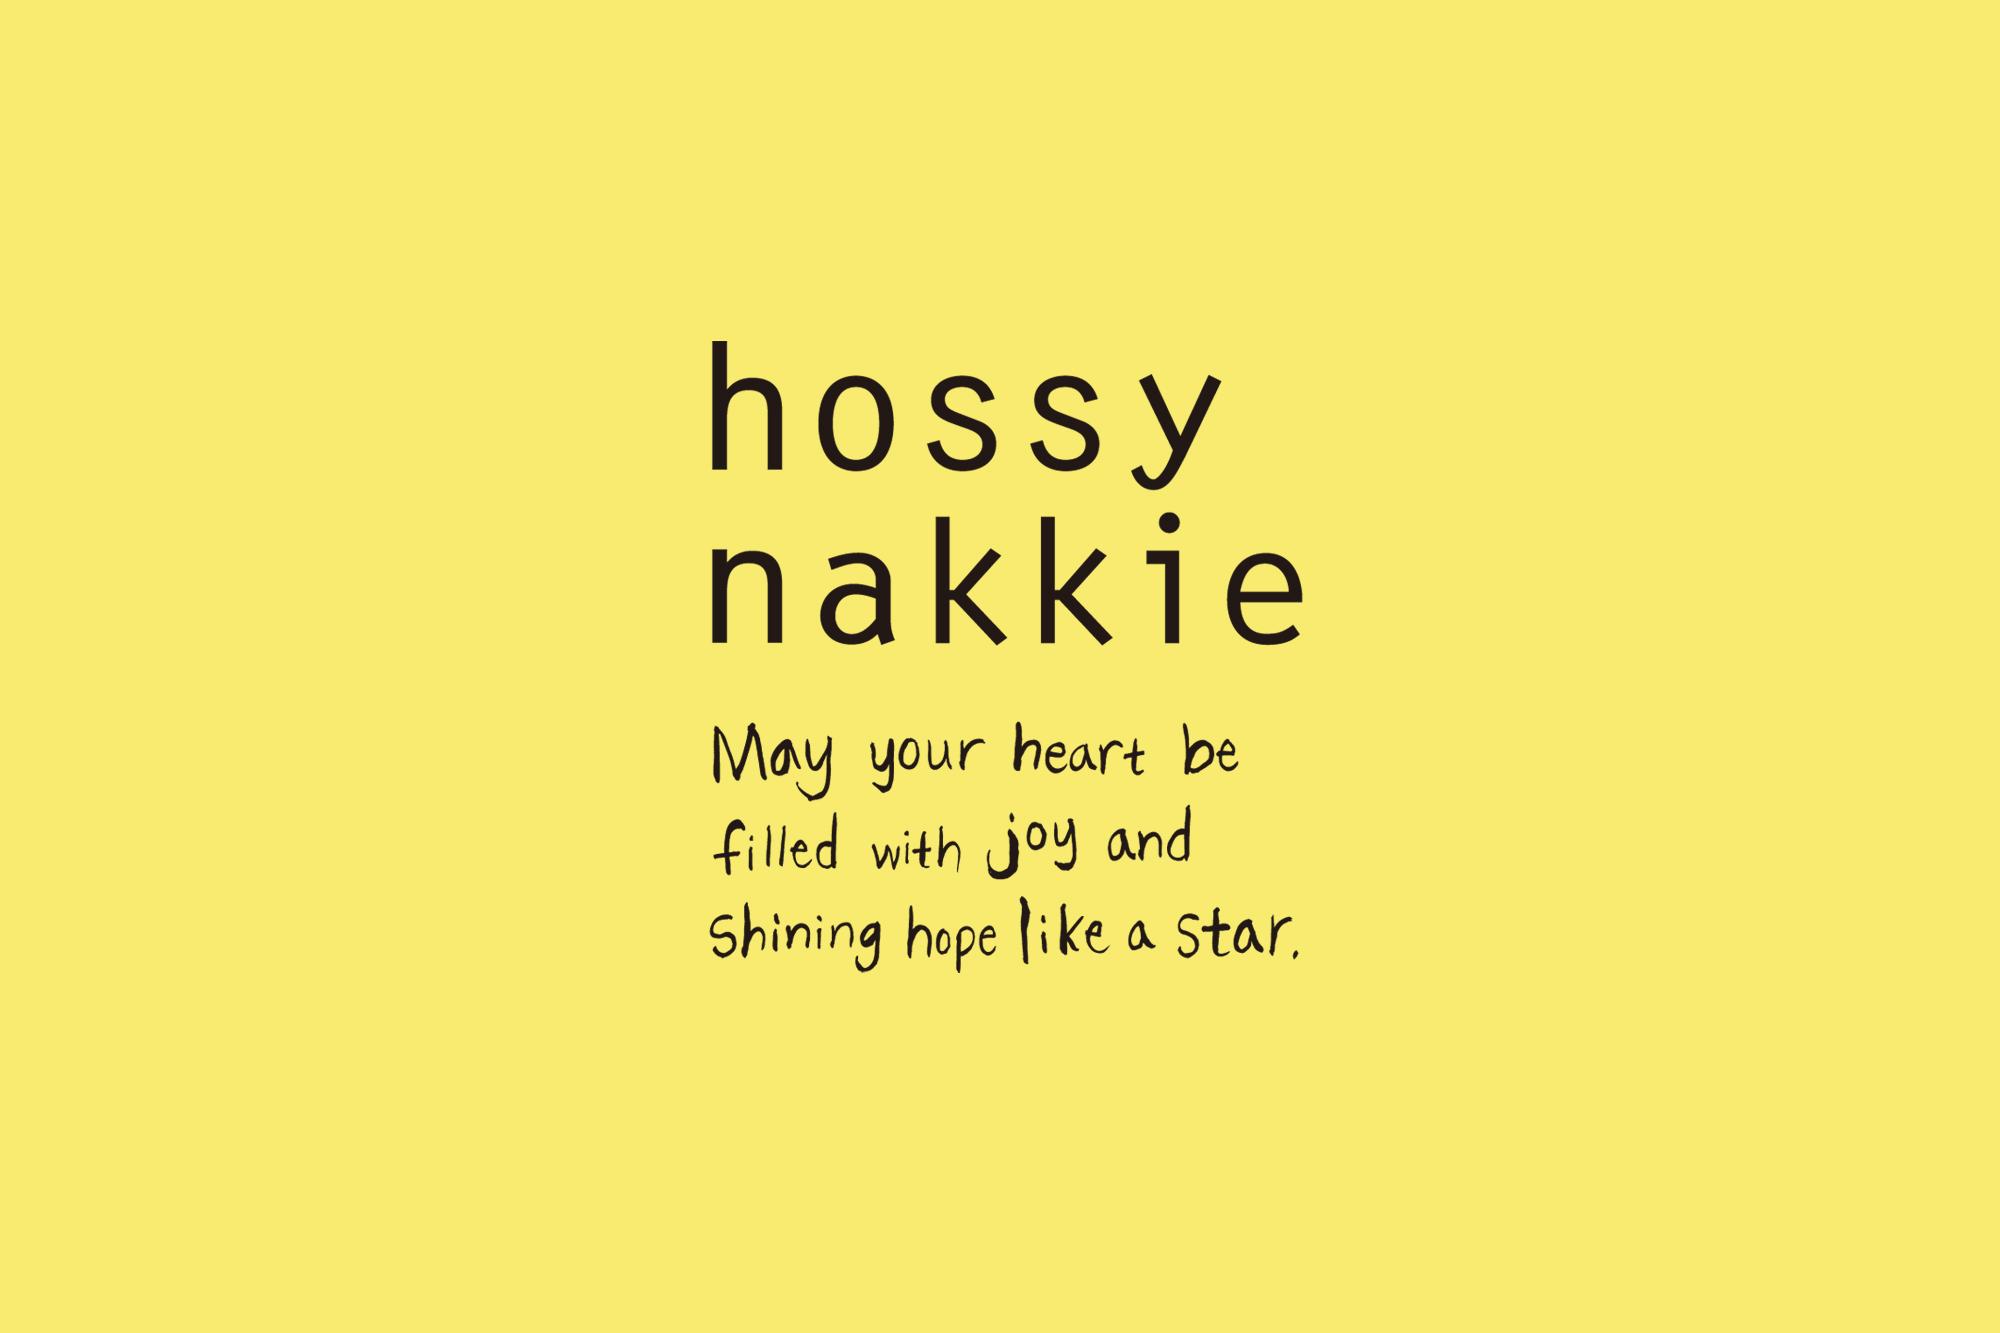 hossy_nakkie_01